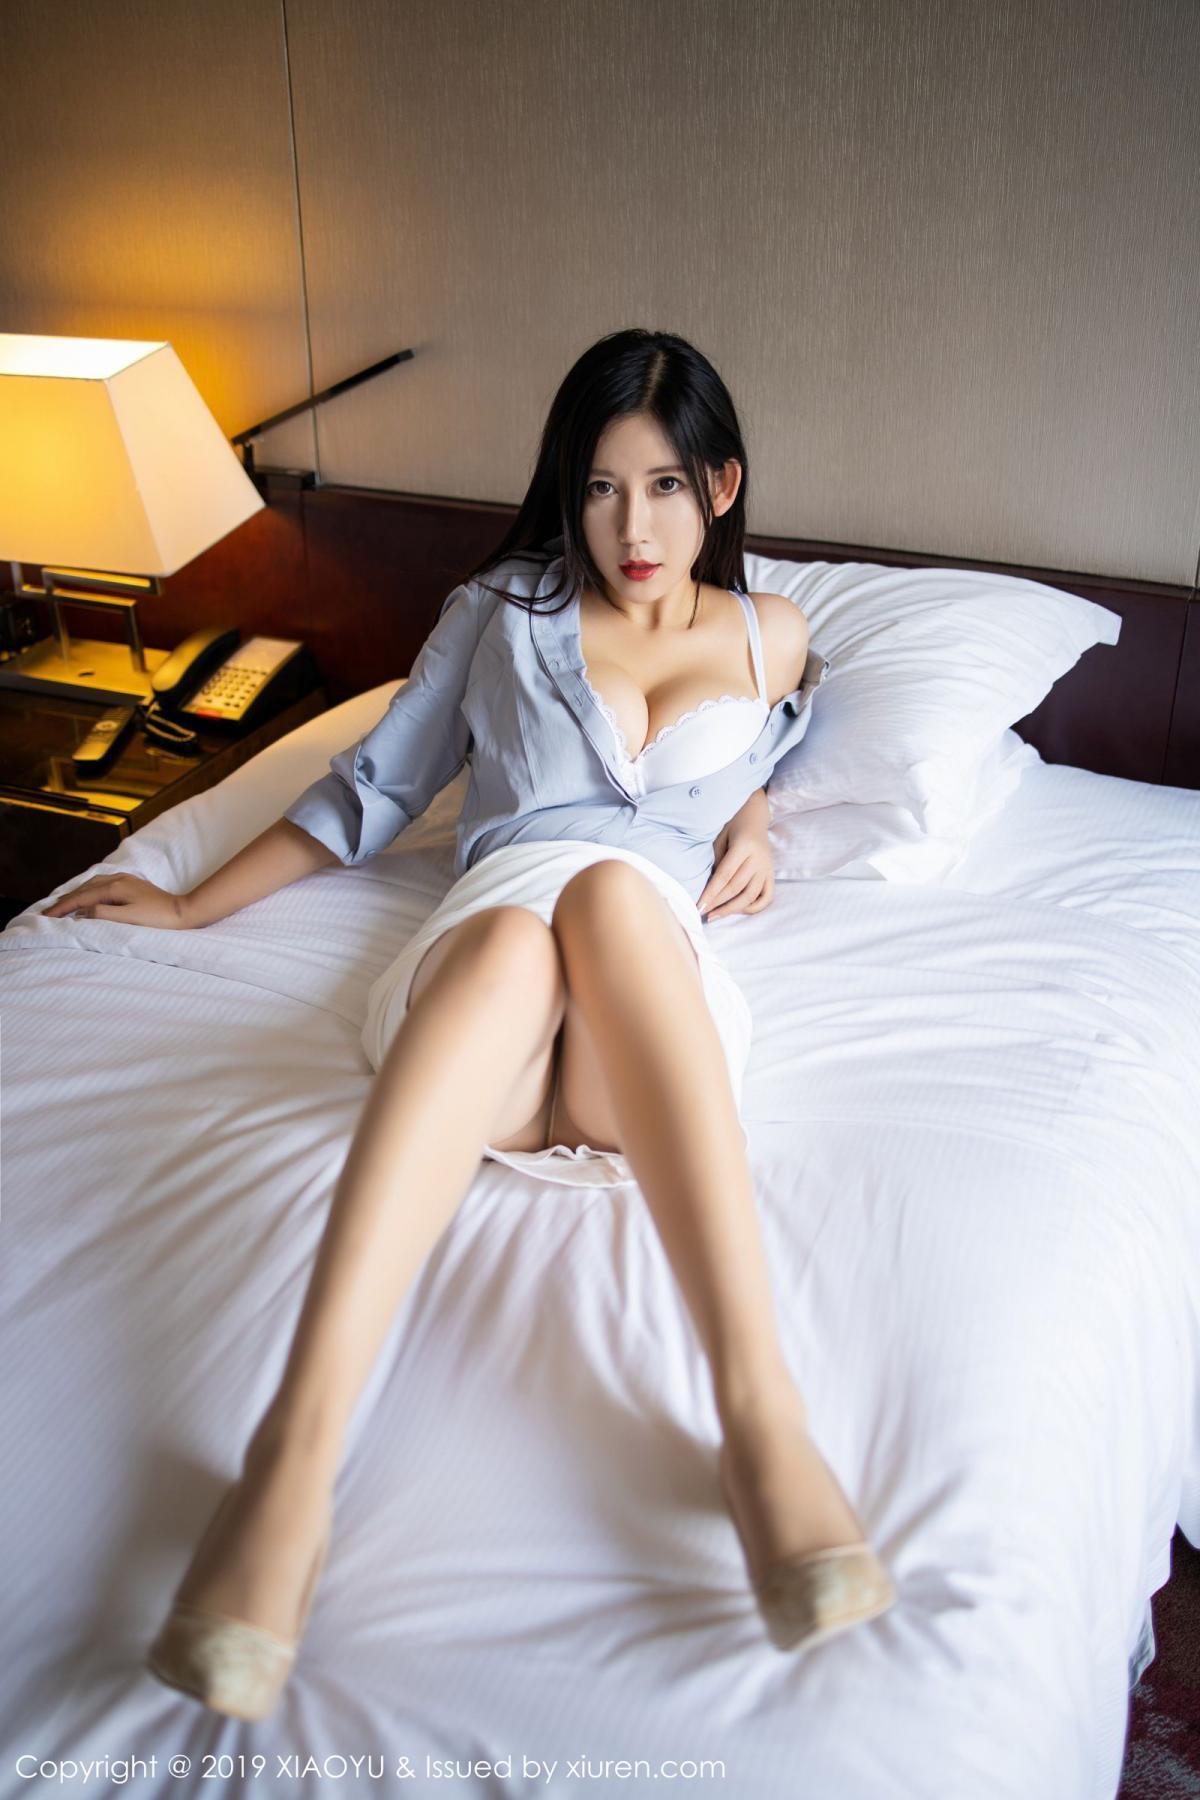 [XiaoYu] Vol.180 Li Ya 22P, Li Ya, Underwear, XiaoYu